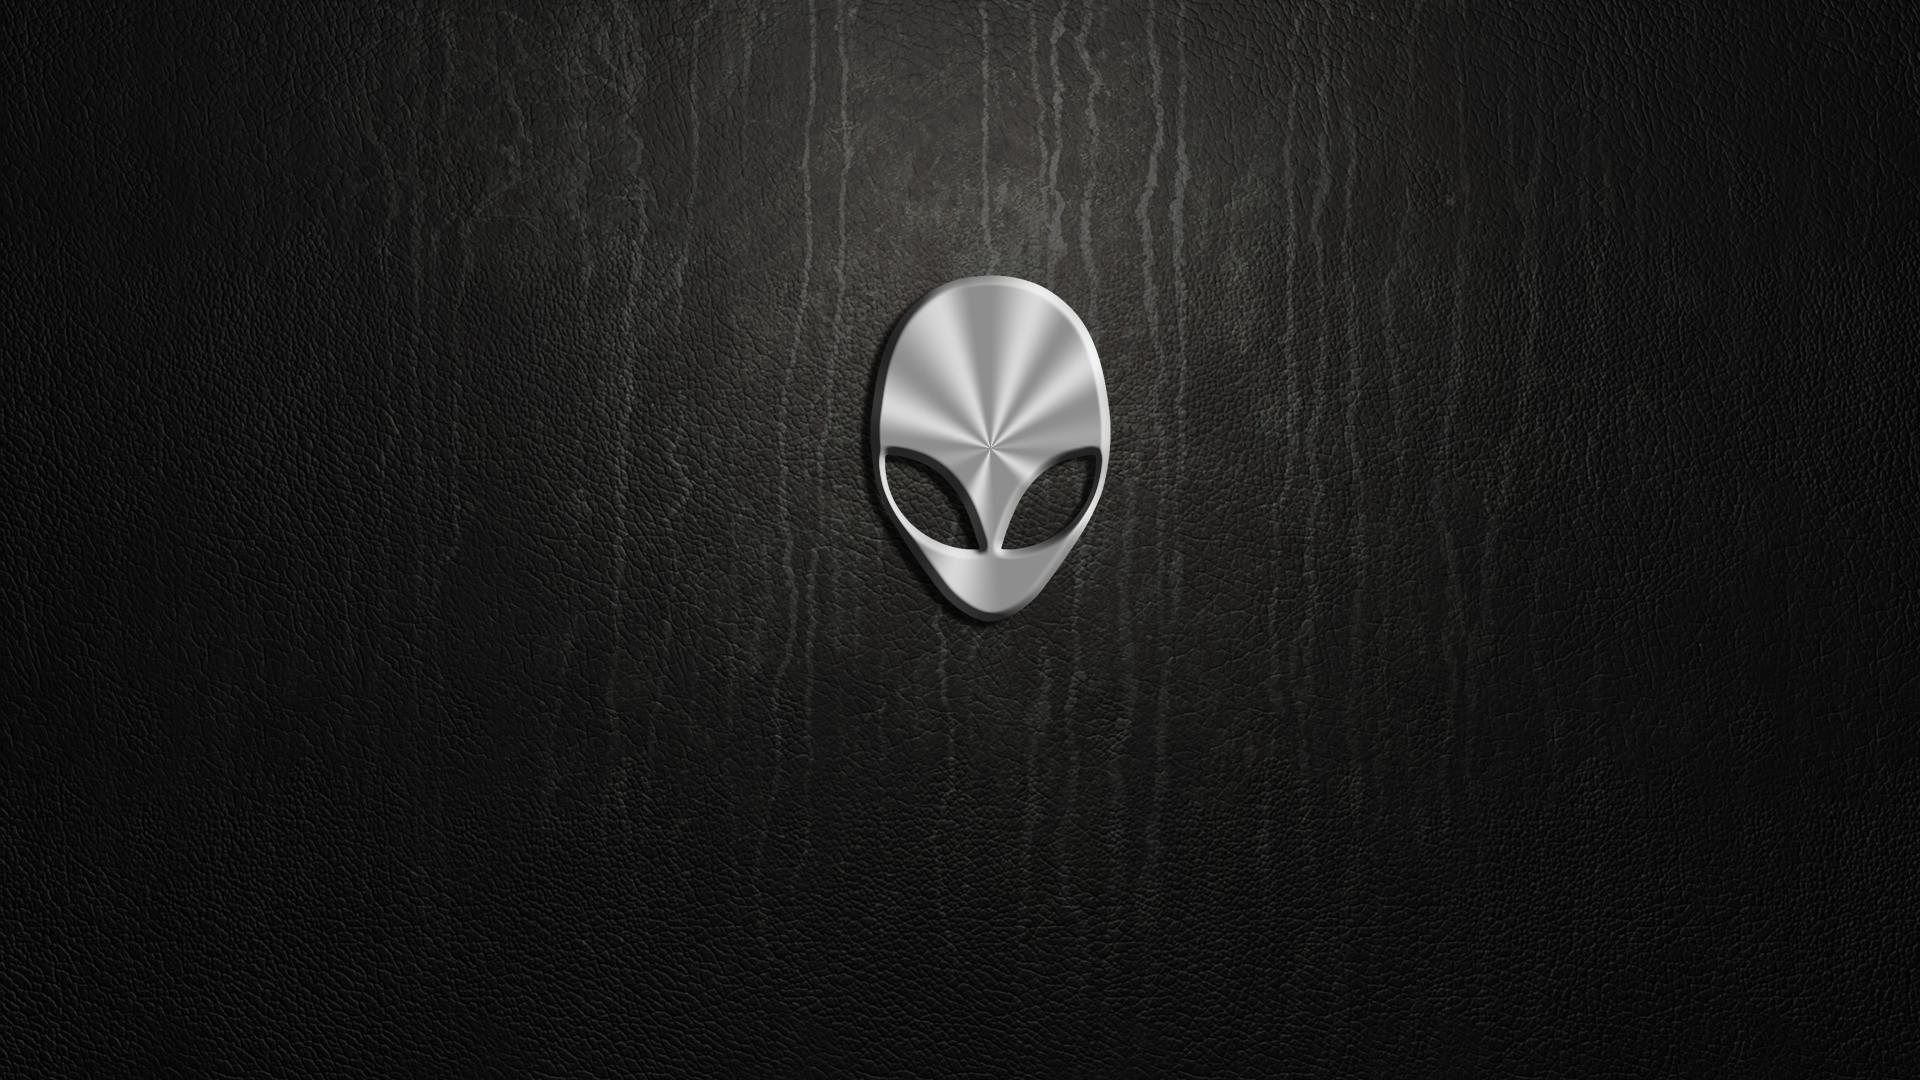 <b>Alienware Wallpapers</b> 1080P Packs